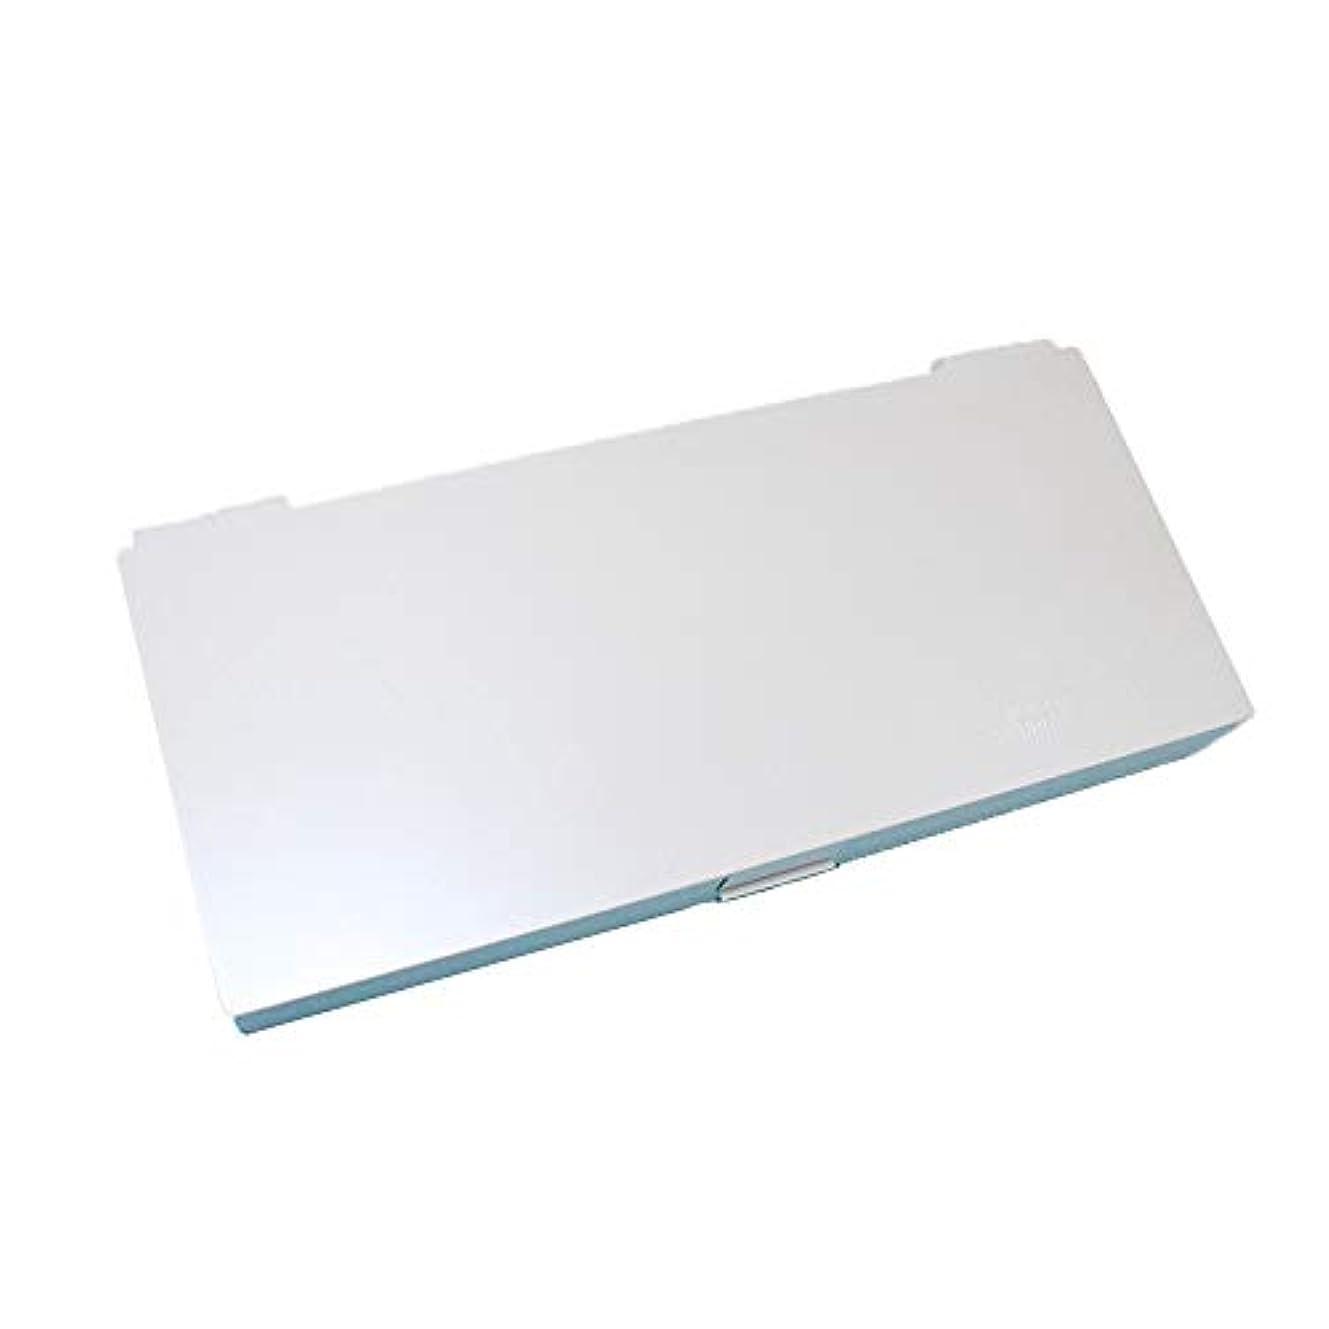 間欠リズムアソシエイトスタイリングシステムボックス (ホワイト) ノンスリップ ヘアピン ケース コスメボックス メイクボックス メークボックス メイクケース メークケース